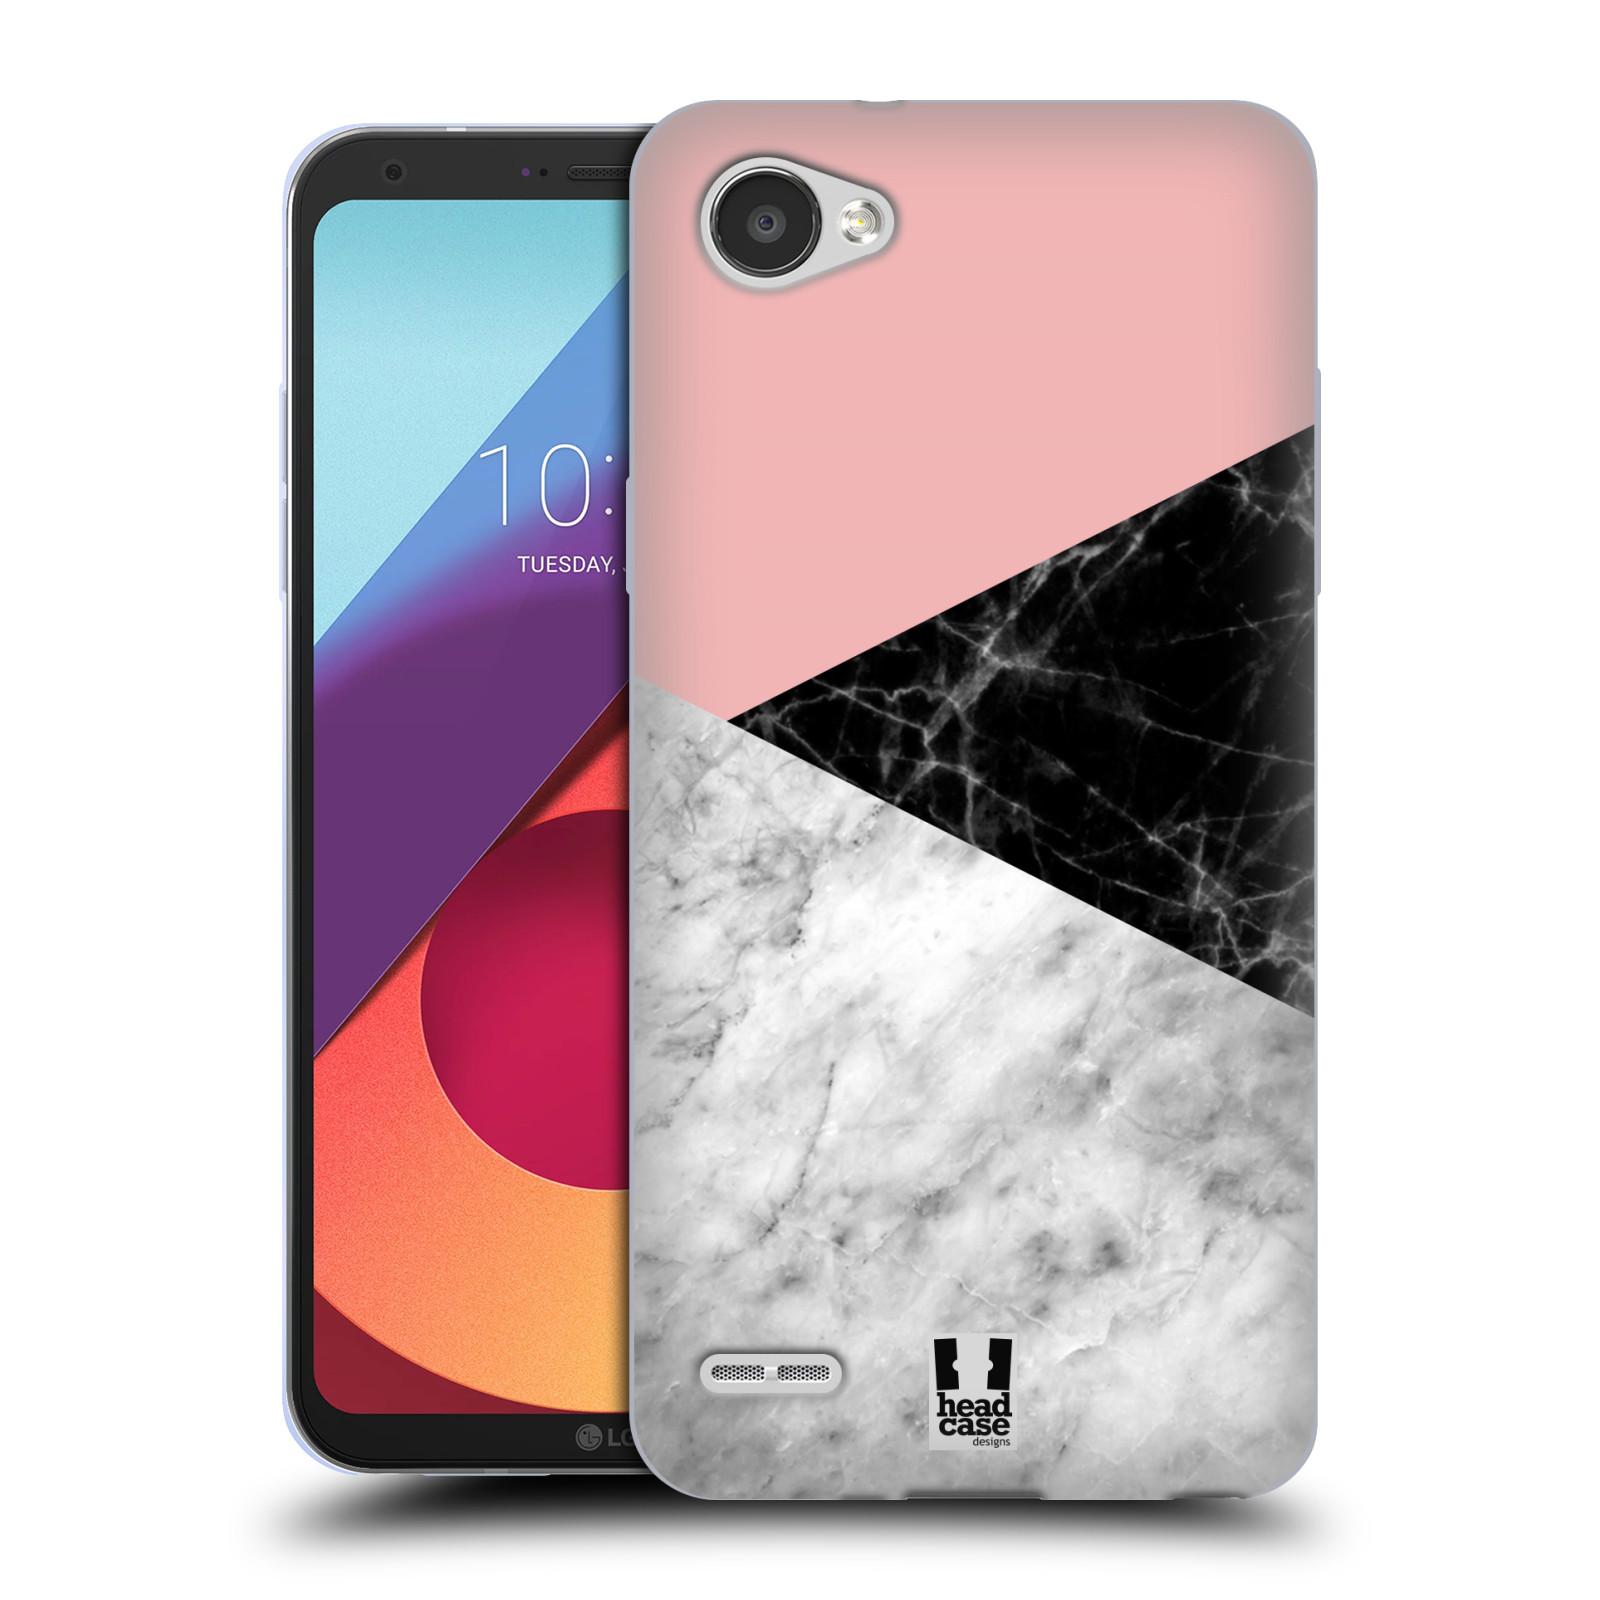 Silikonové pouzdro na mobil LG Q6 - Head Case - Mramor mix